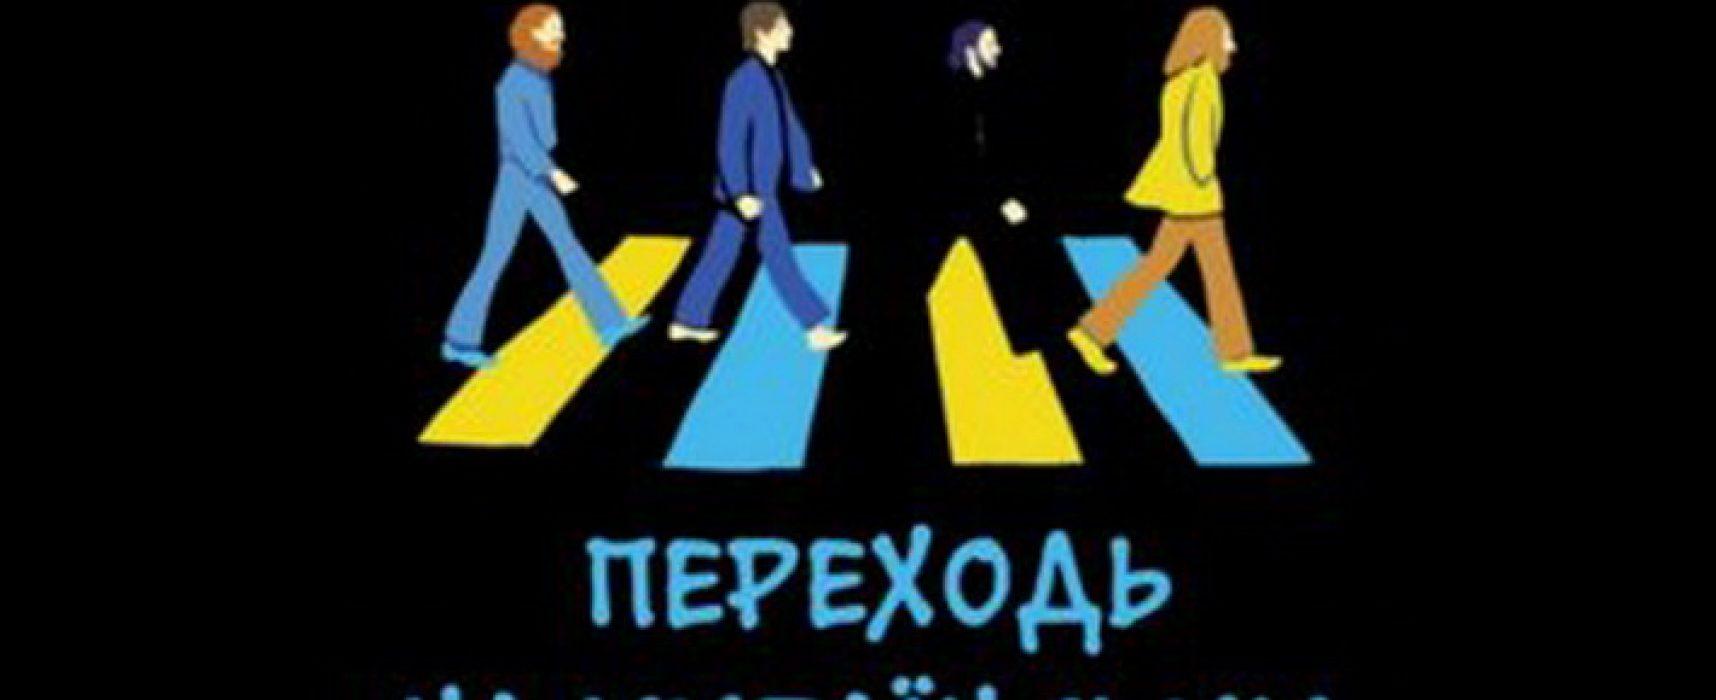 Фейк «Первого канала»: в Україні планують запровадити кримінальну відповідальність за розмови іншими мовами